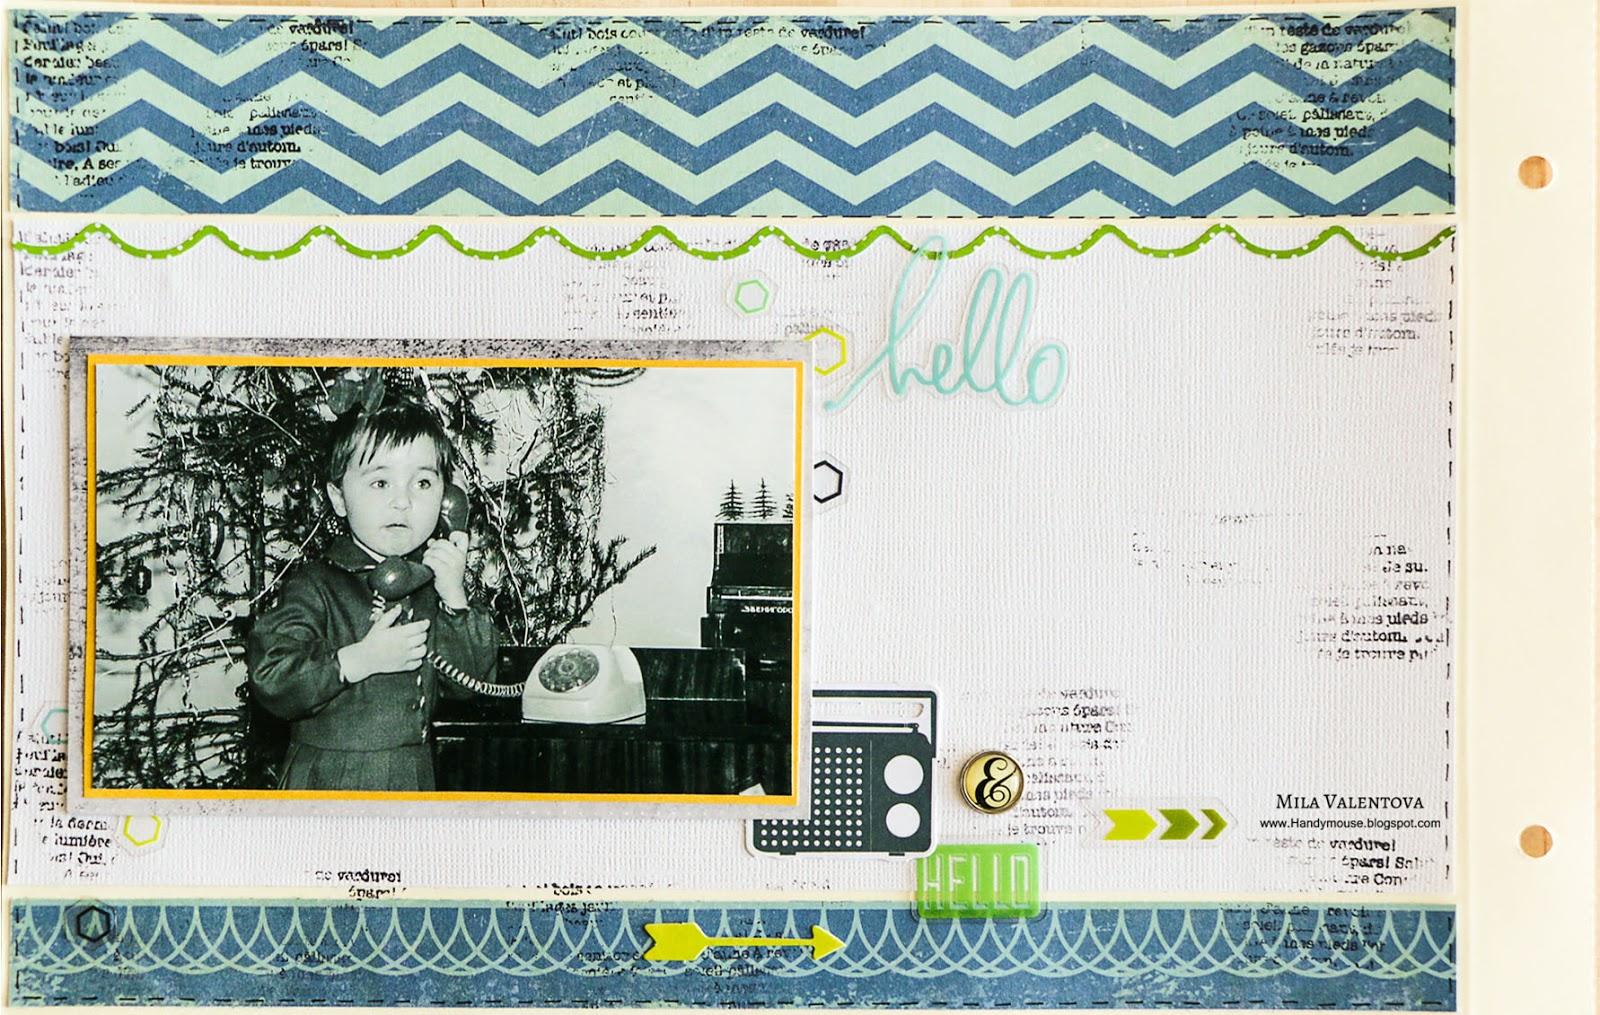 Скрапбукинг. Детство 1977-78 года. Мила Валентова